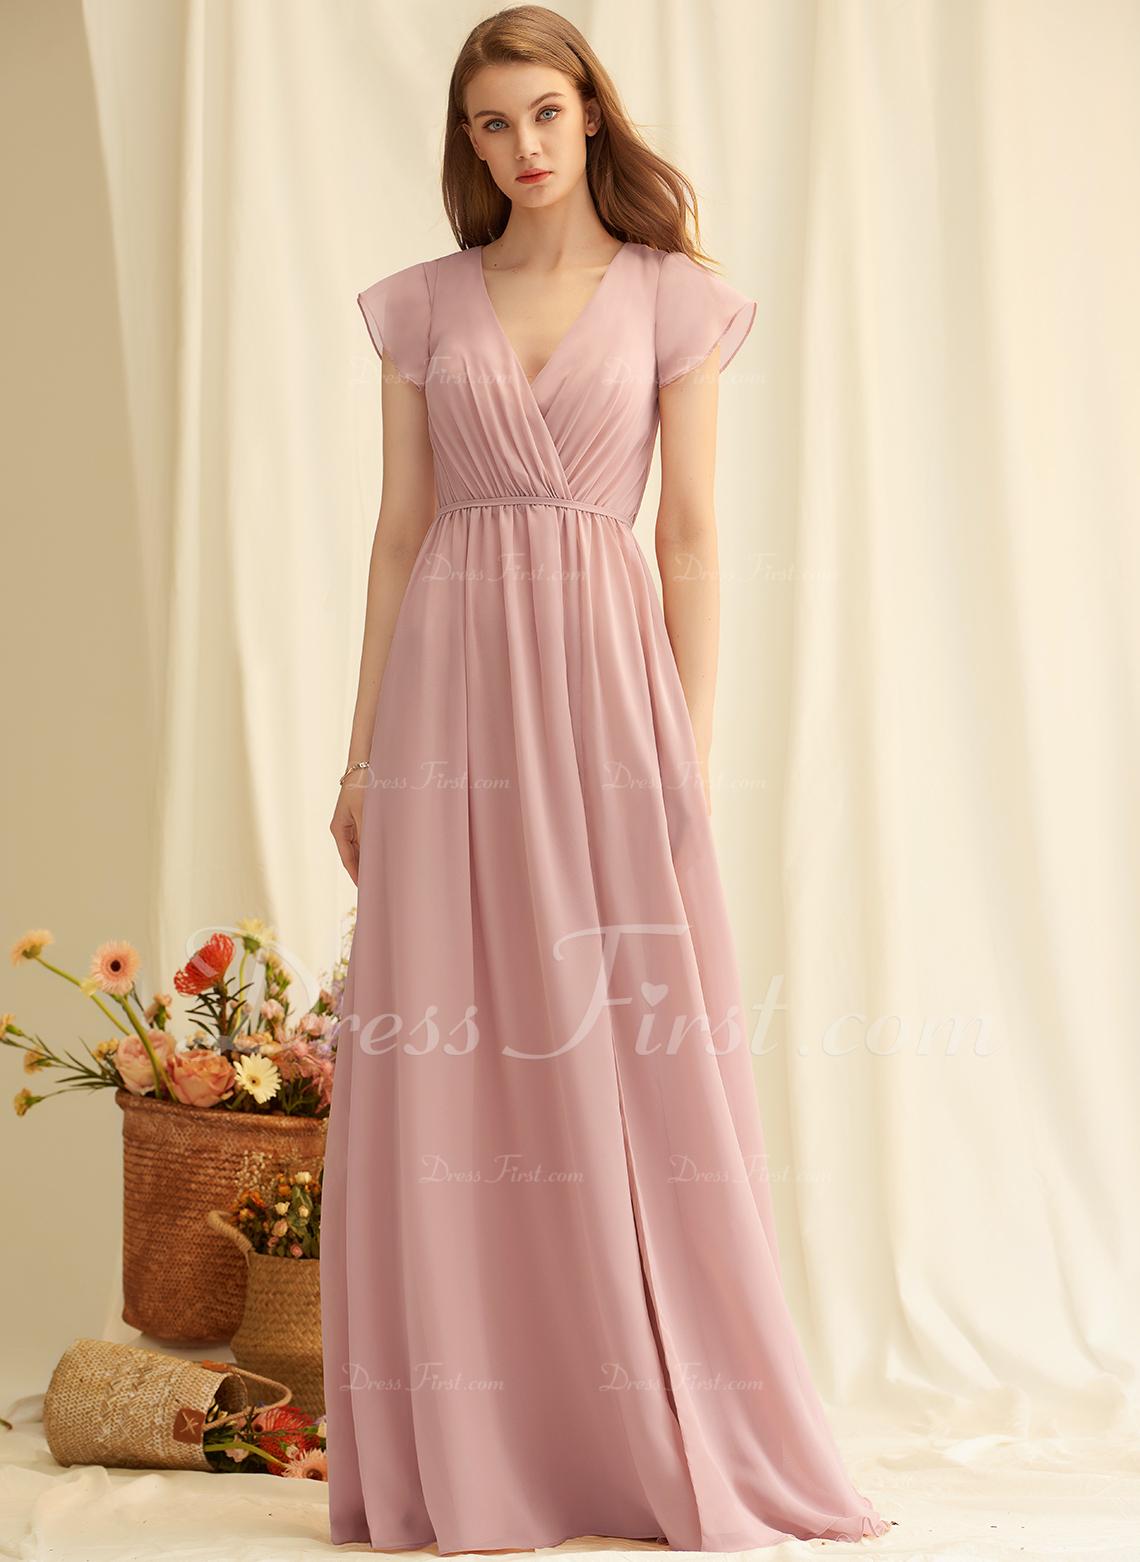 V-Neck Dusty Rose Chiffon Dresses